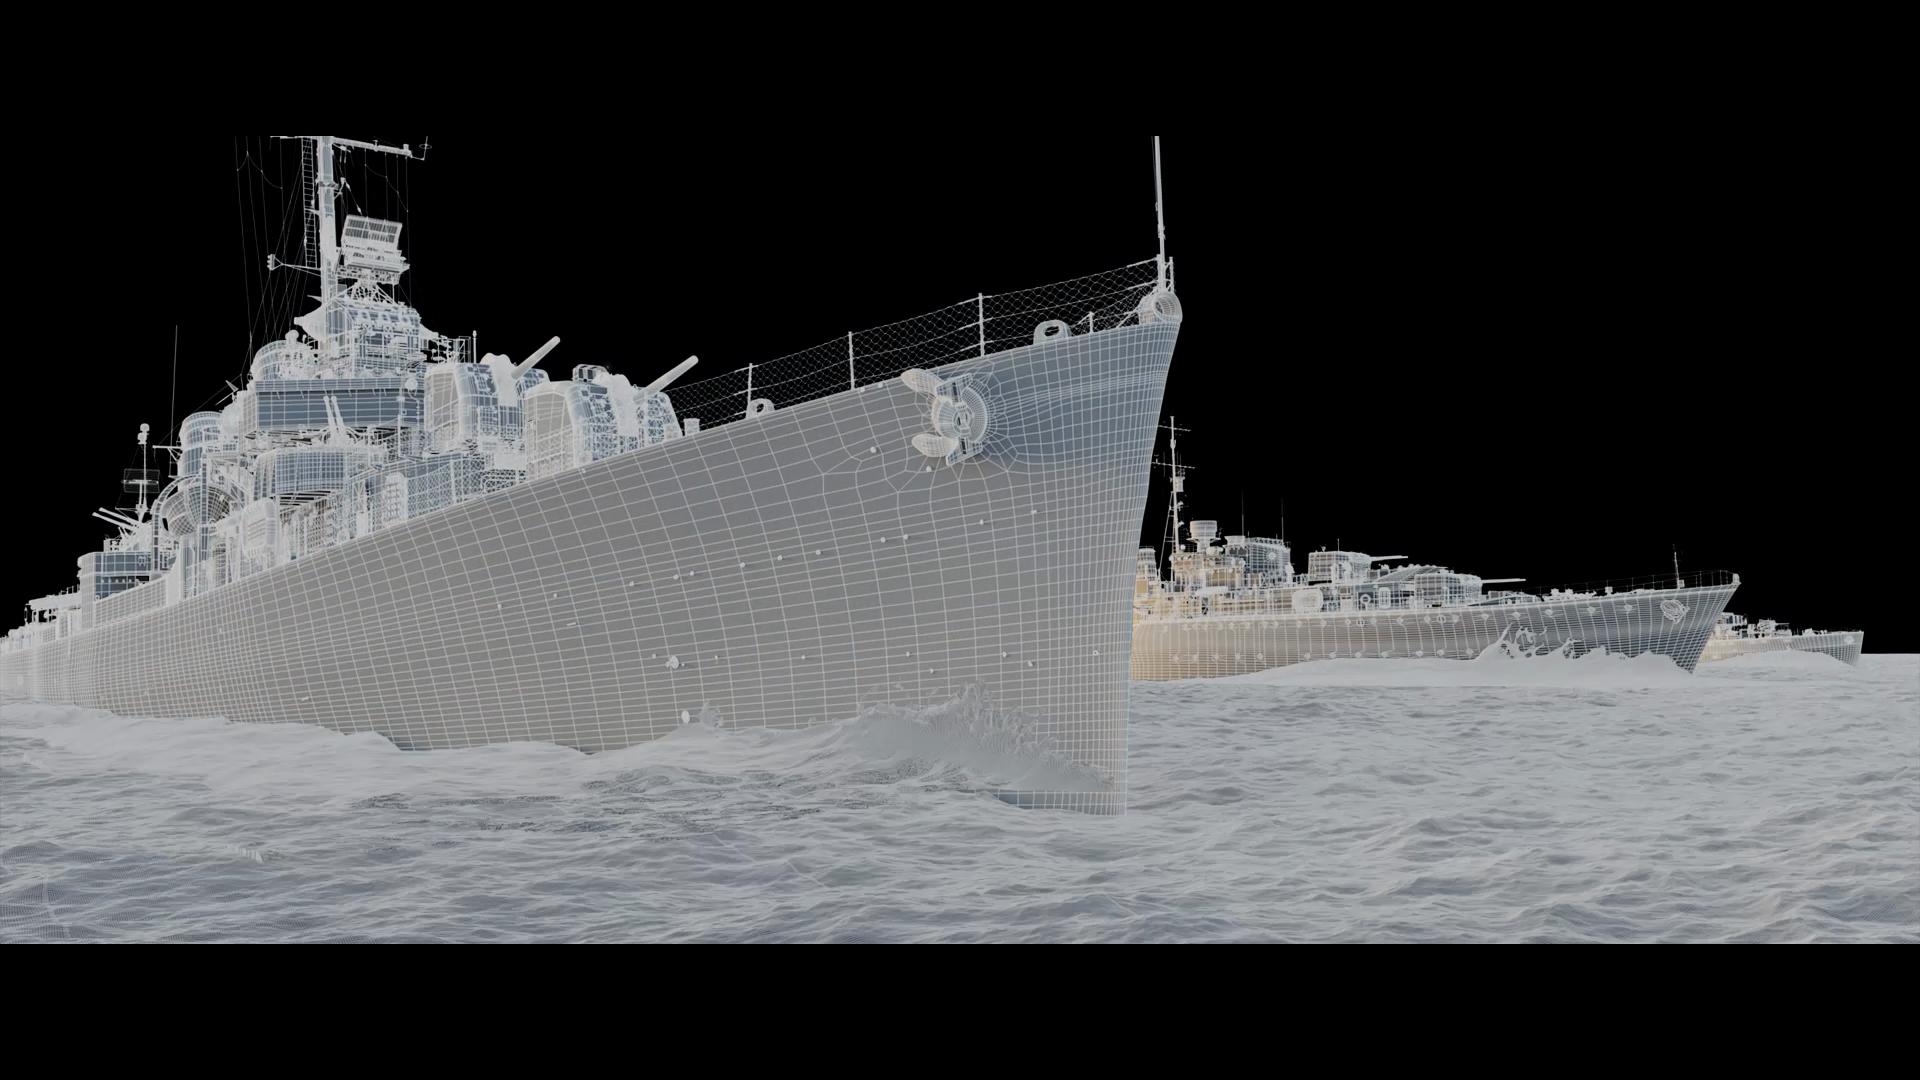 Renderização digital de 3 navios de guerra em mar aberto.